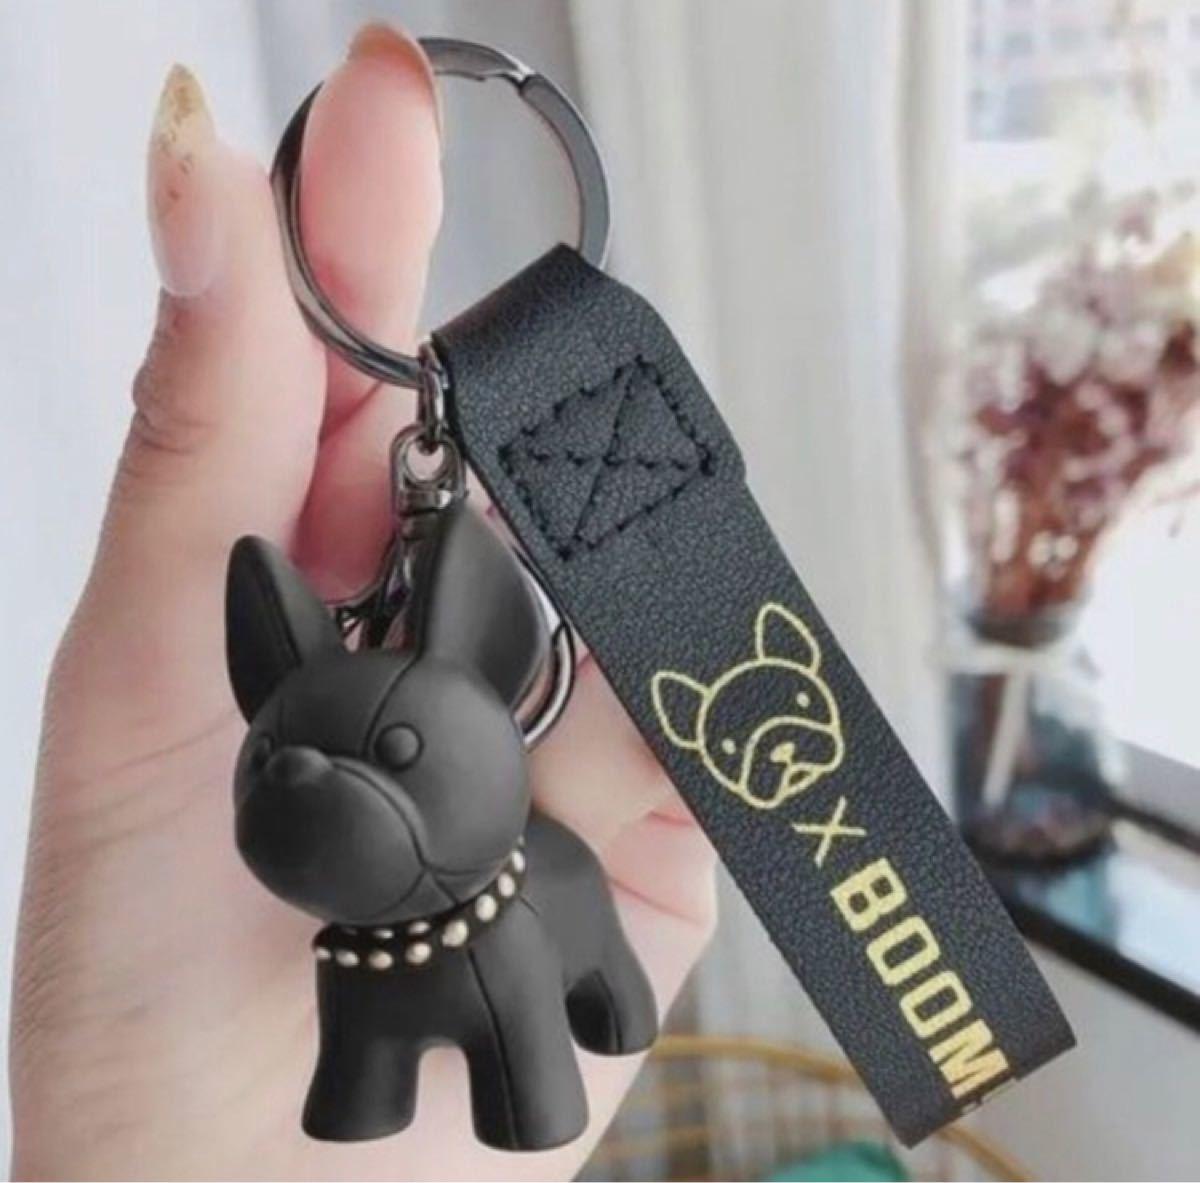 黒 フレンチブルドッグ キーホルダー ブルドック ブラック キーリング 韓国 キーホルダー キーチェーン